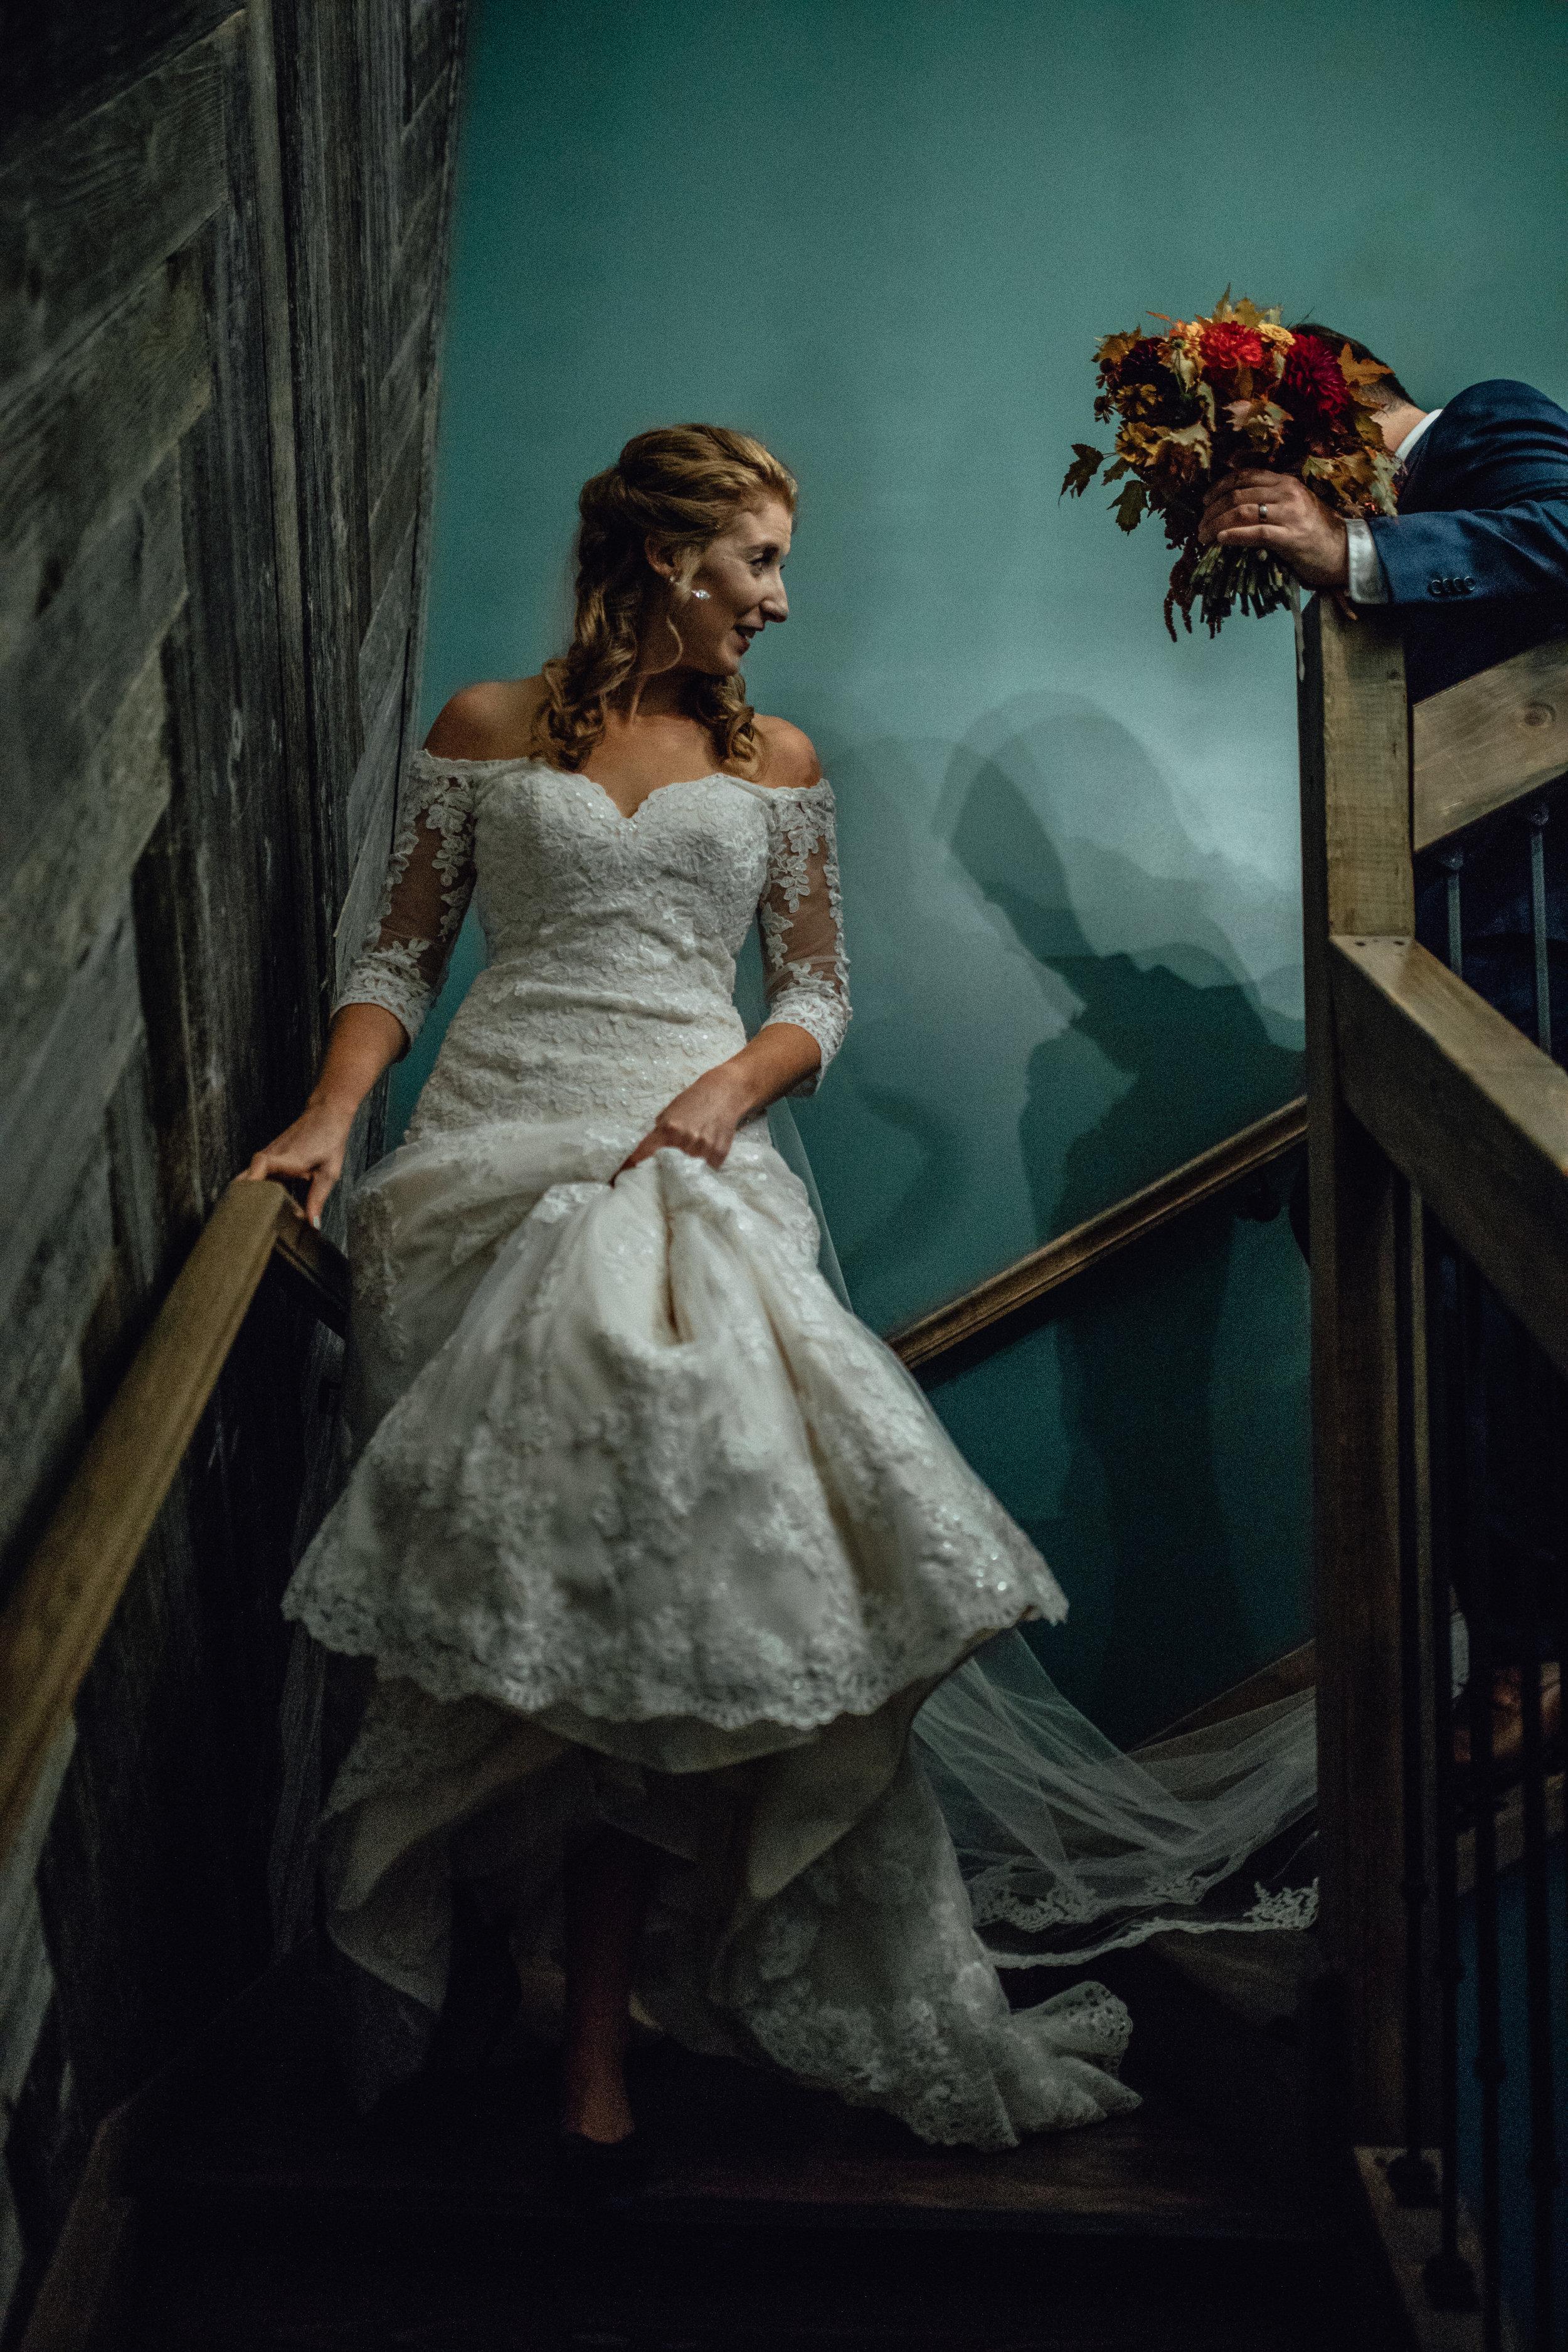 bride-and-groom-walking-down-stairs-at-rustic-manor-1848.jpg